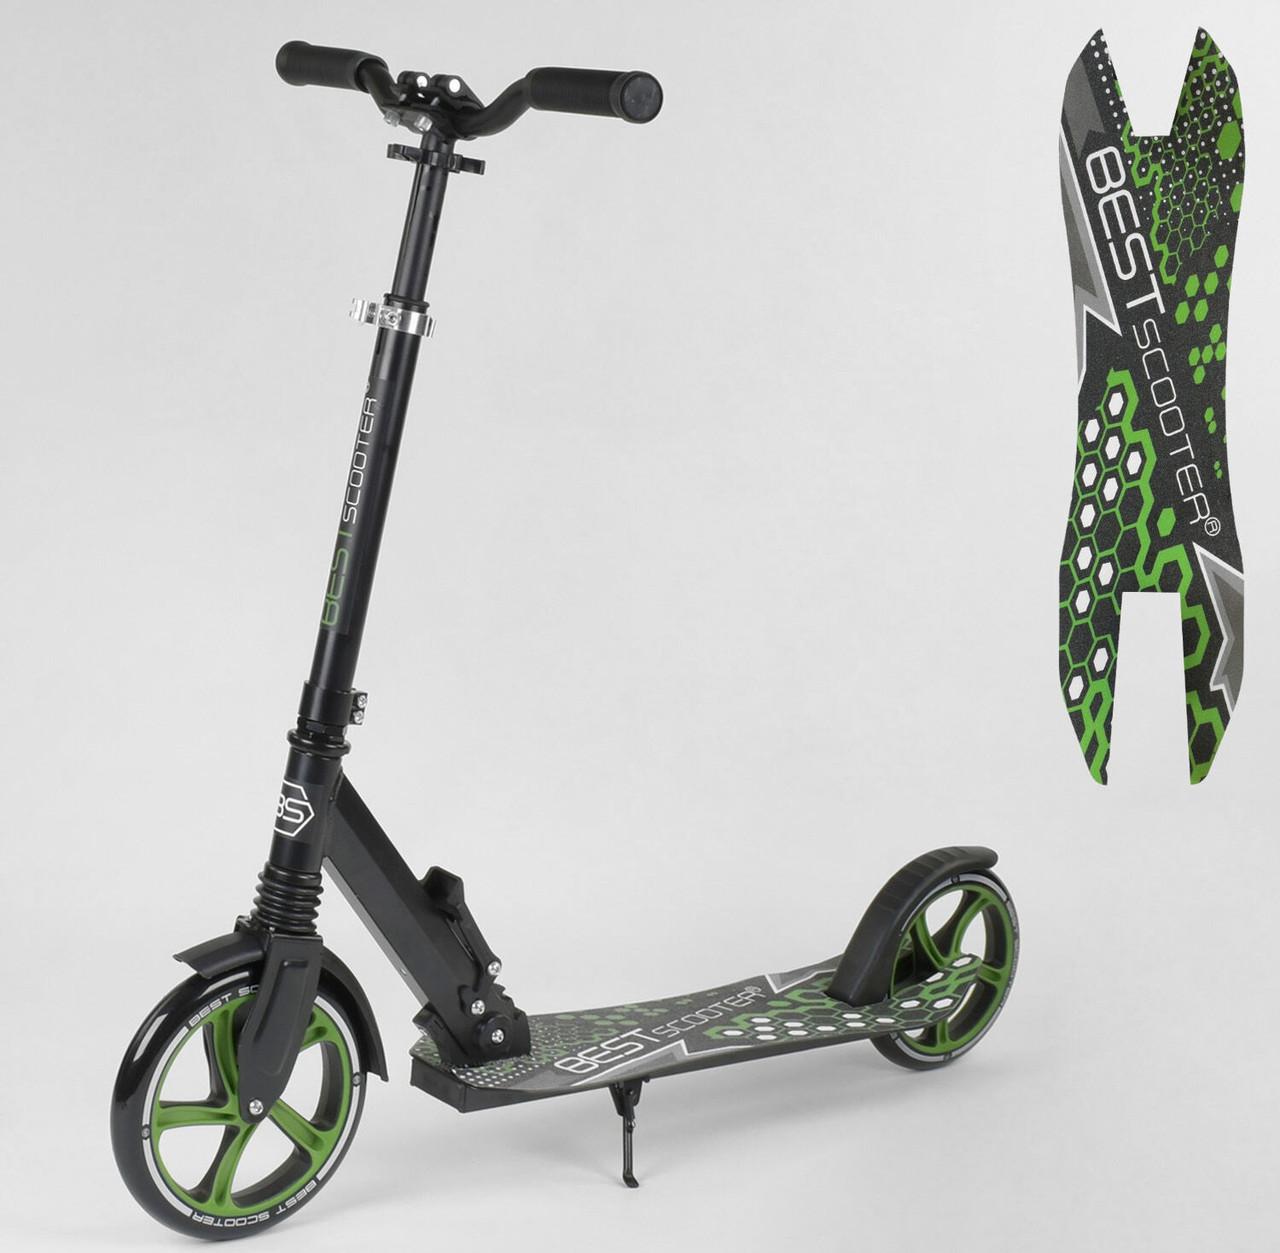 Самокат детский двухколесный для мальчика девочки 7 8 9 лет Best Scooter 70875 черно-зеленый